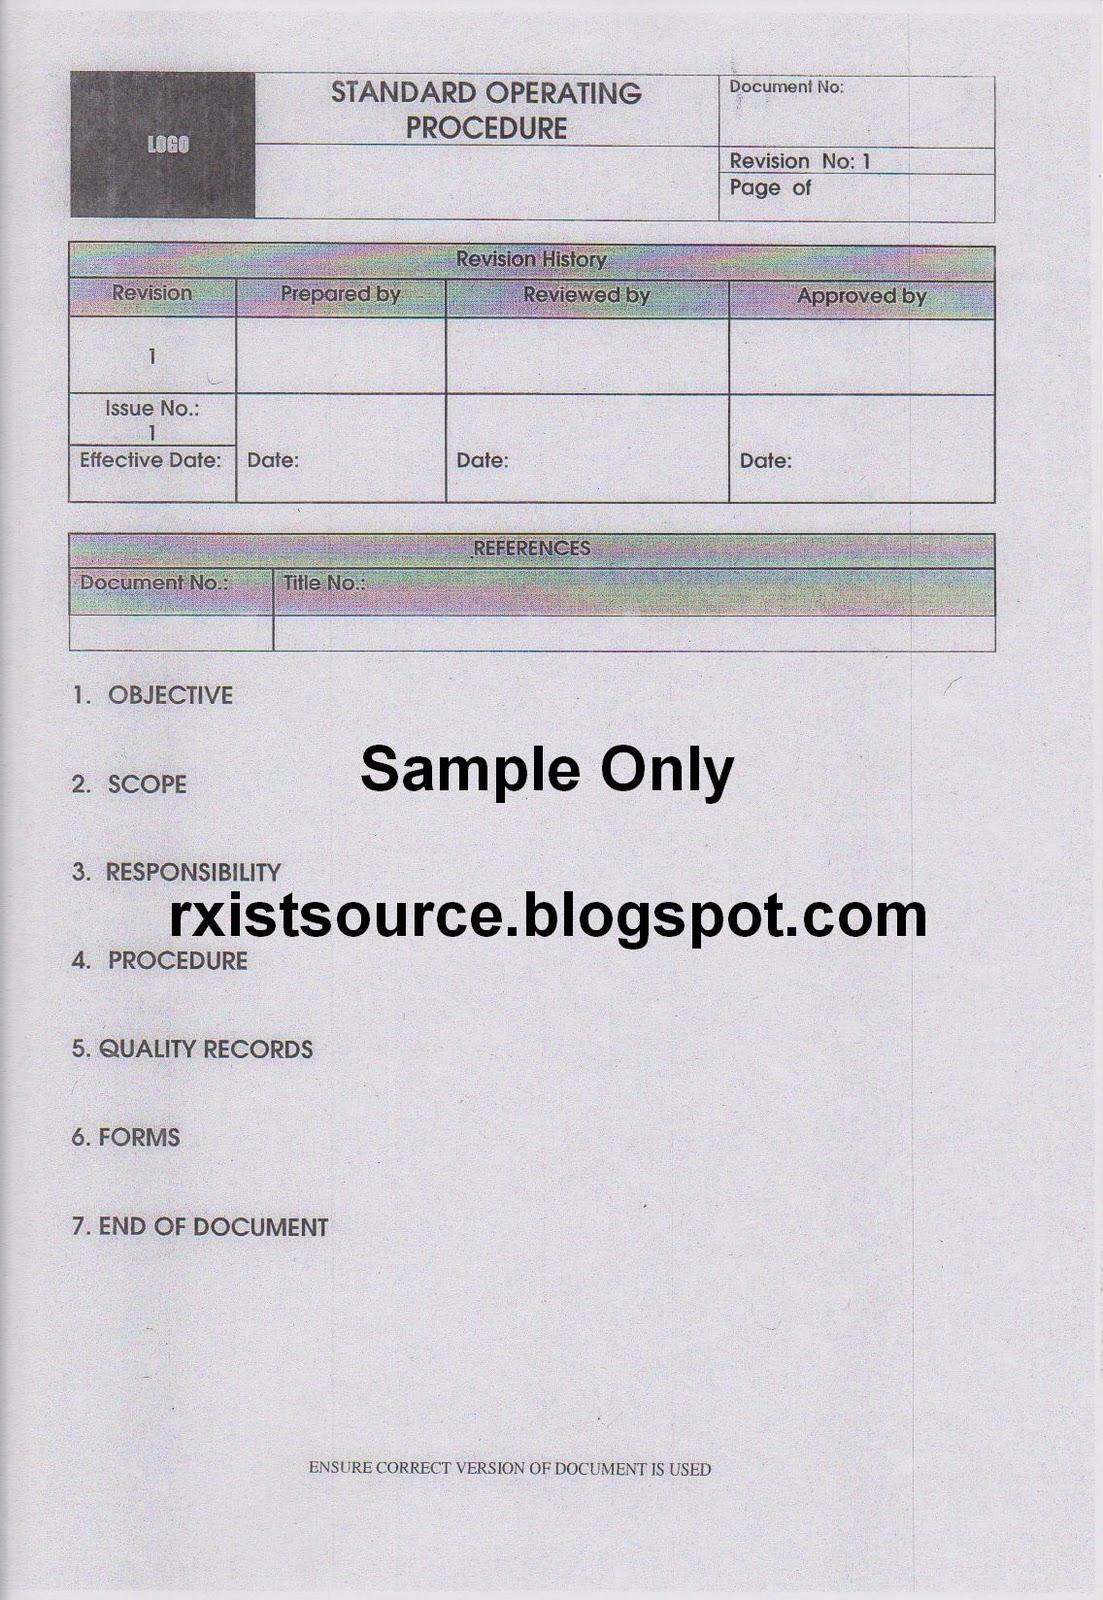 fda sop template - pharmacy january 2012